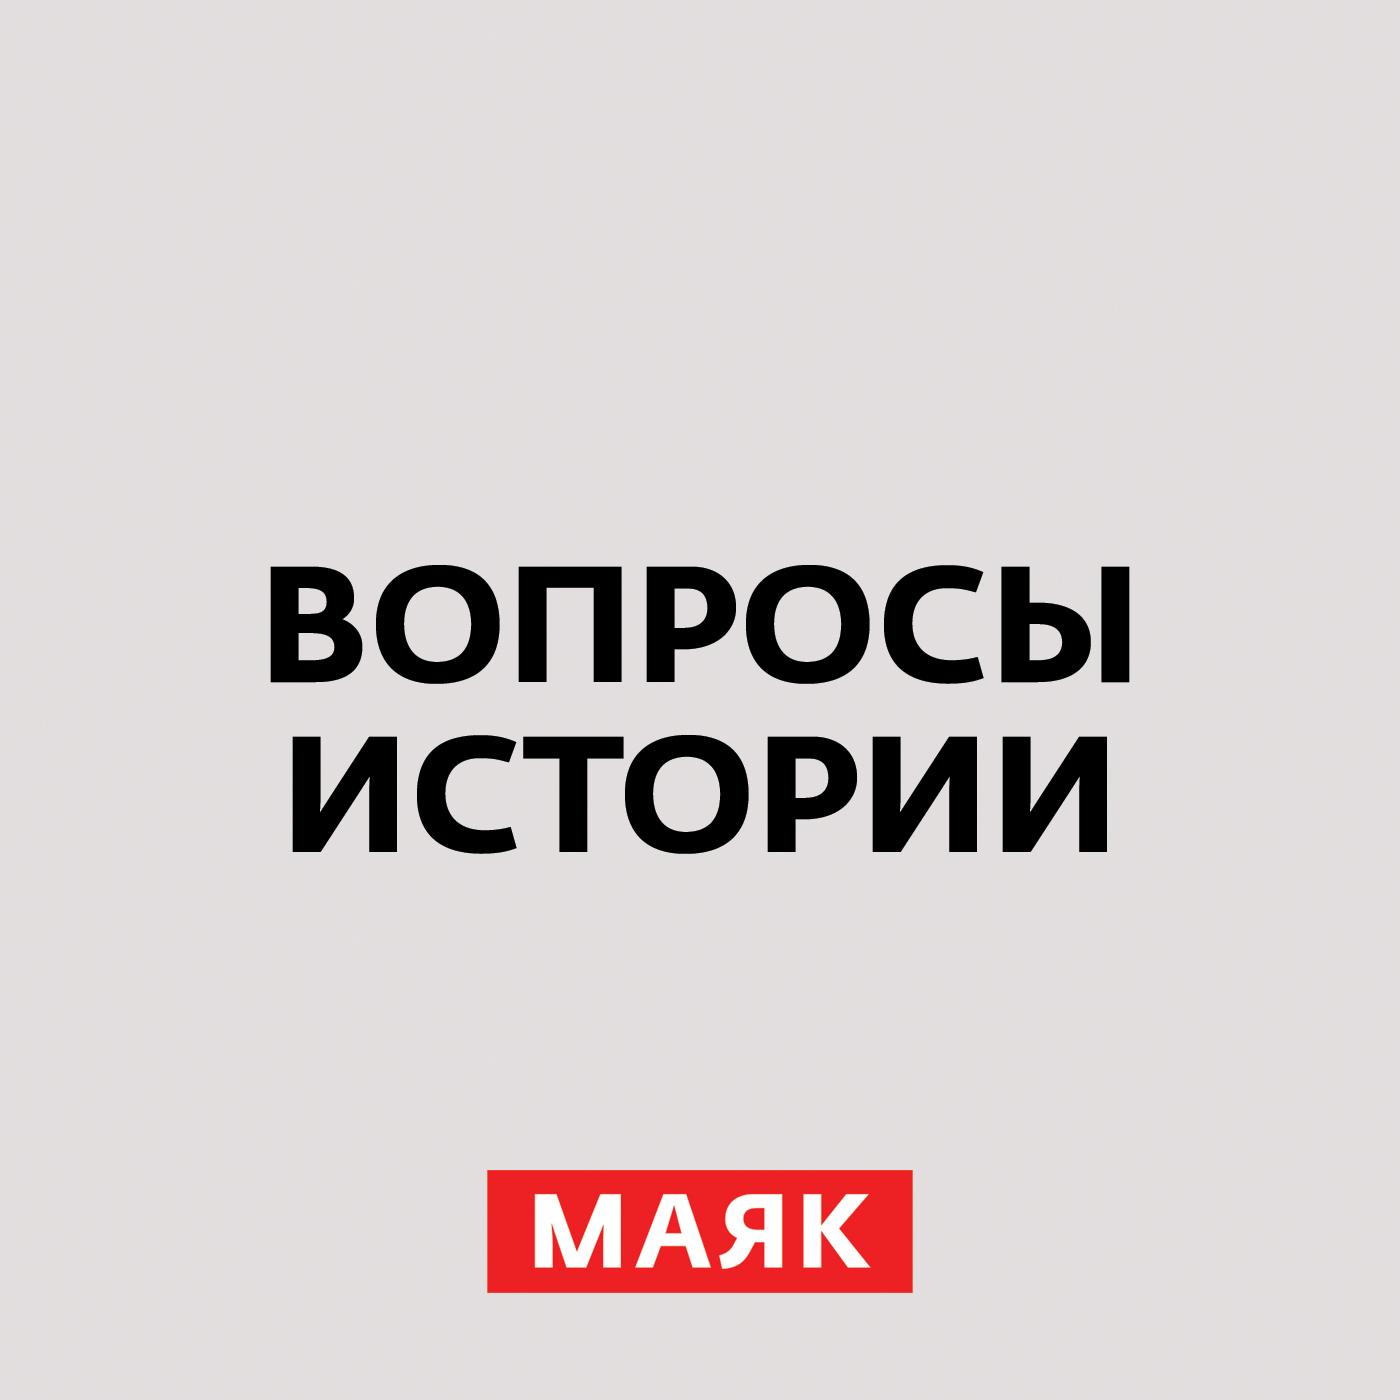 Андрей Светенко Мы так и не вышли из тупика, в который нас загнал доклад Хрущева. Часть 2 андрей светенко в начале 50 х сталин явно сдал но сдаваться не собирался часть 2